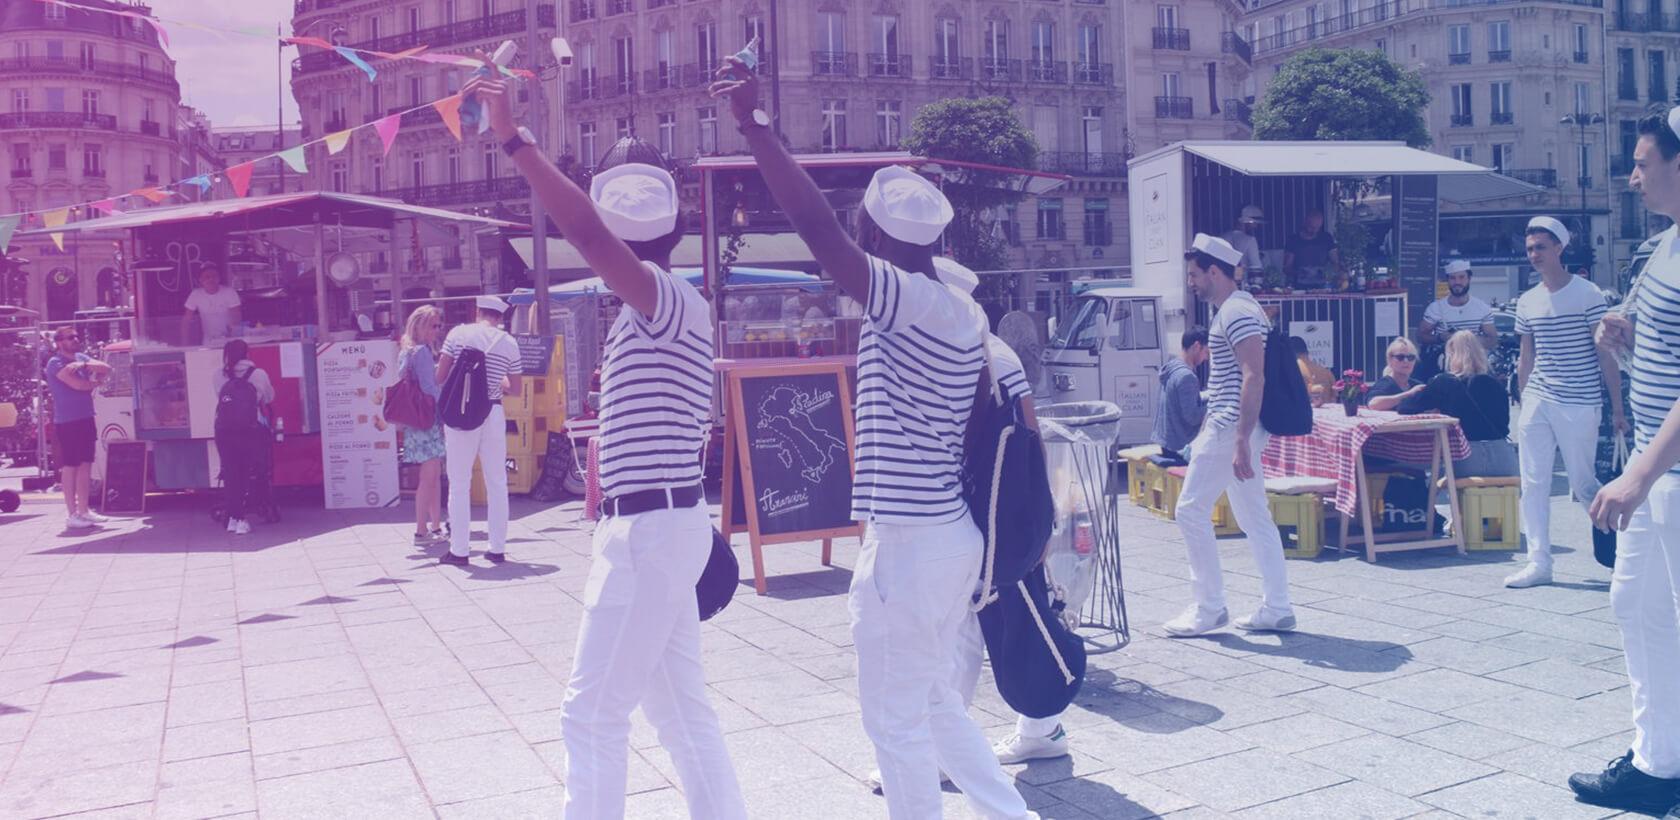 Jean-Paul Gaultier X Marionnaud - Globe